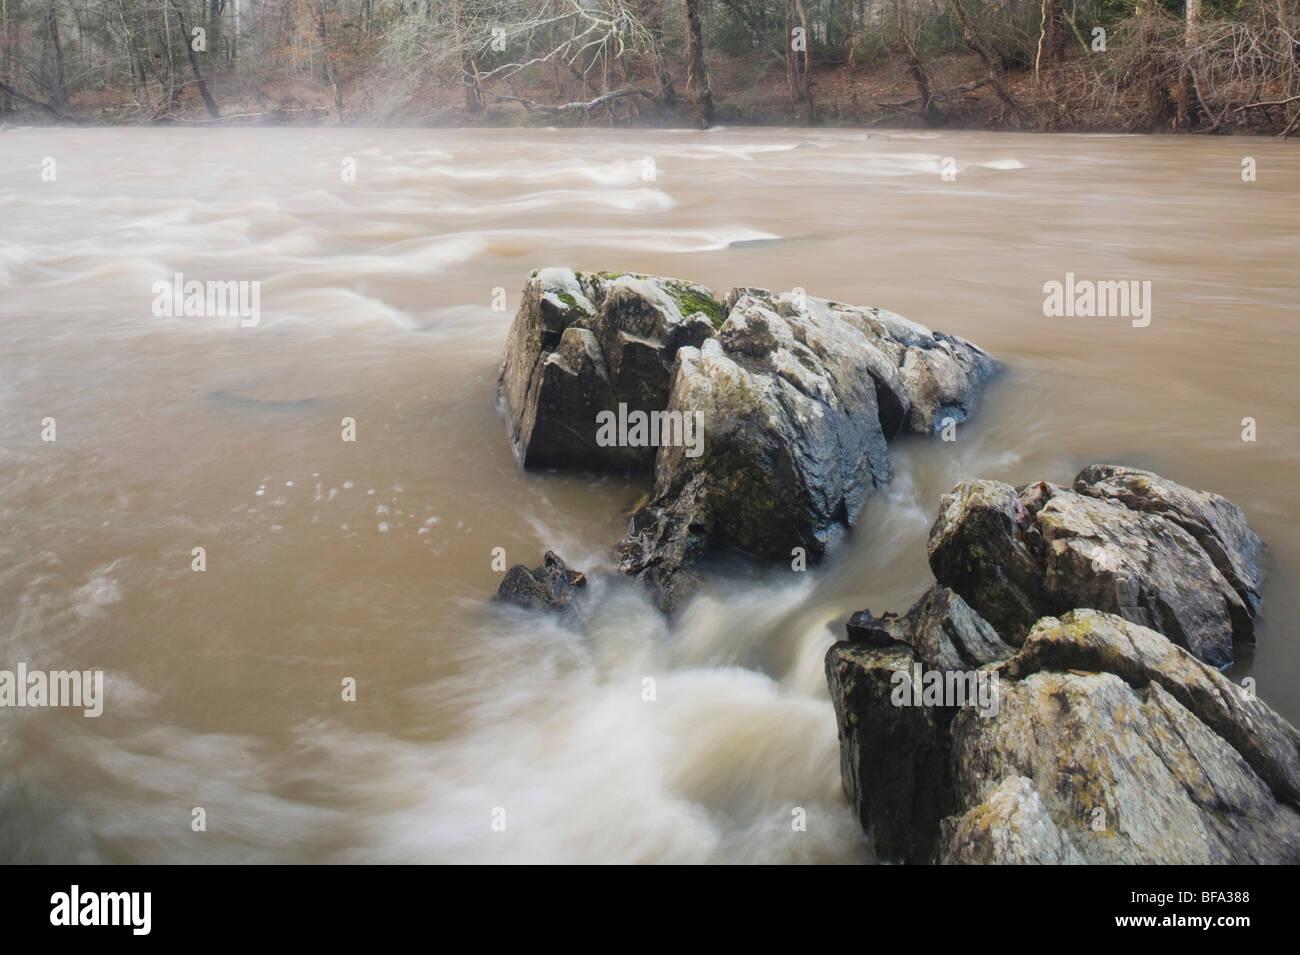 Río Haw, Haw River State Park, Pittsboro, Carolina del Norte, EE.UU. Imagen De Stock